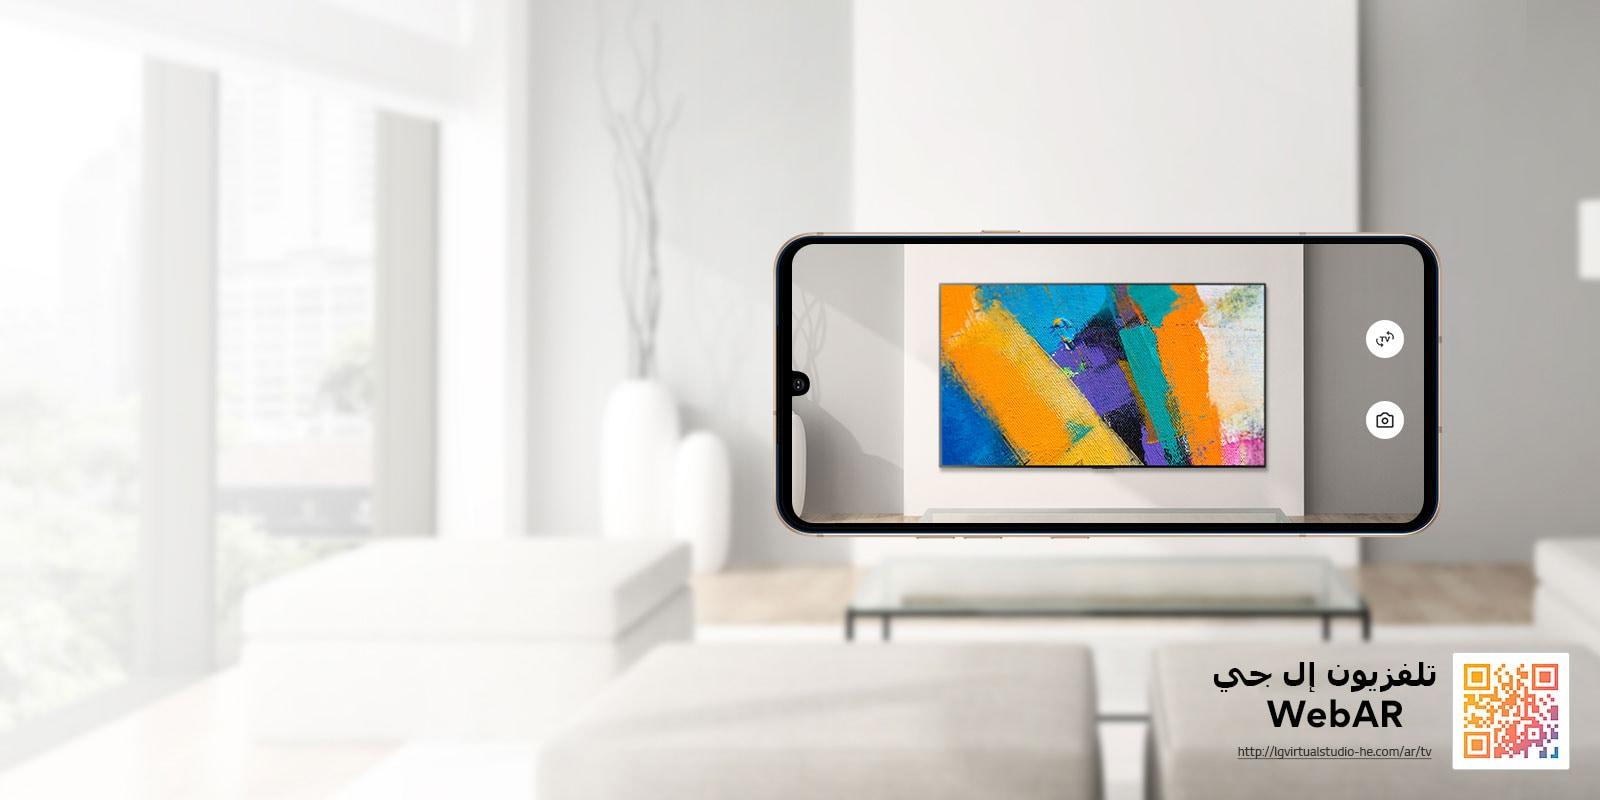 هذه صورة توضح محاكاة مقاومة انعكاس الويب لتلفزيون OLED من إل جي. صور الهاتف المحمول متداخلة على أقل مساحة. رمز الاستجابة السريعة موجود أسفل اليمين